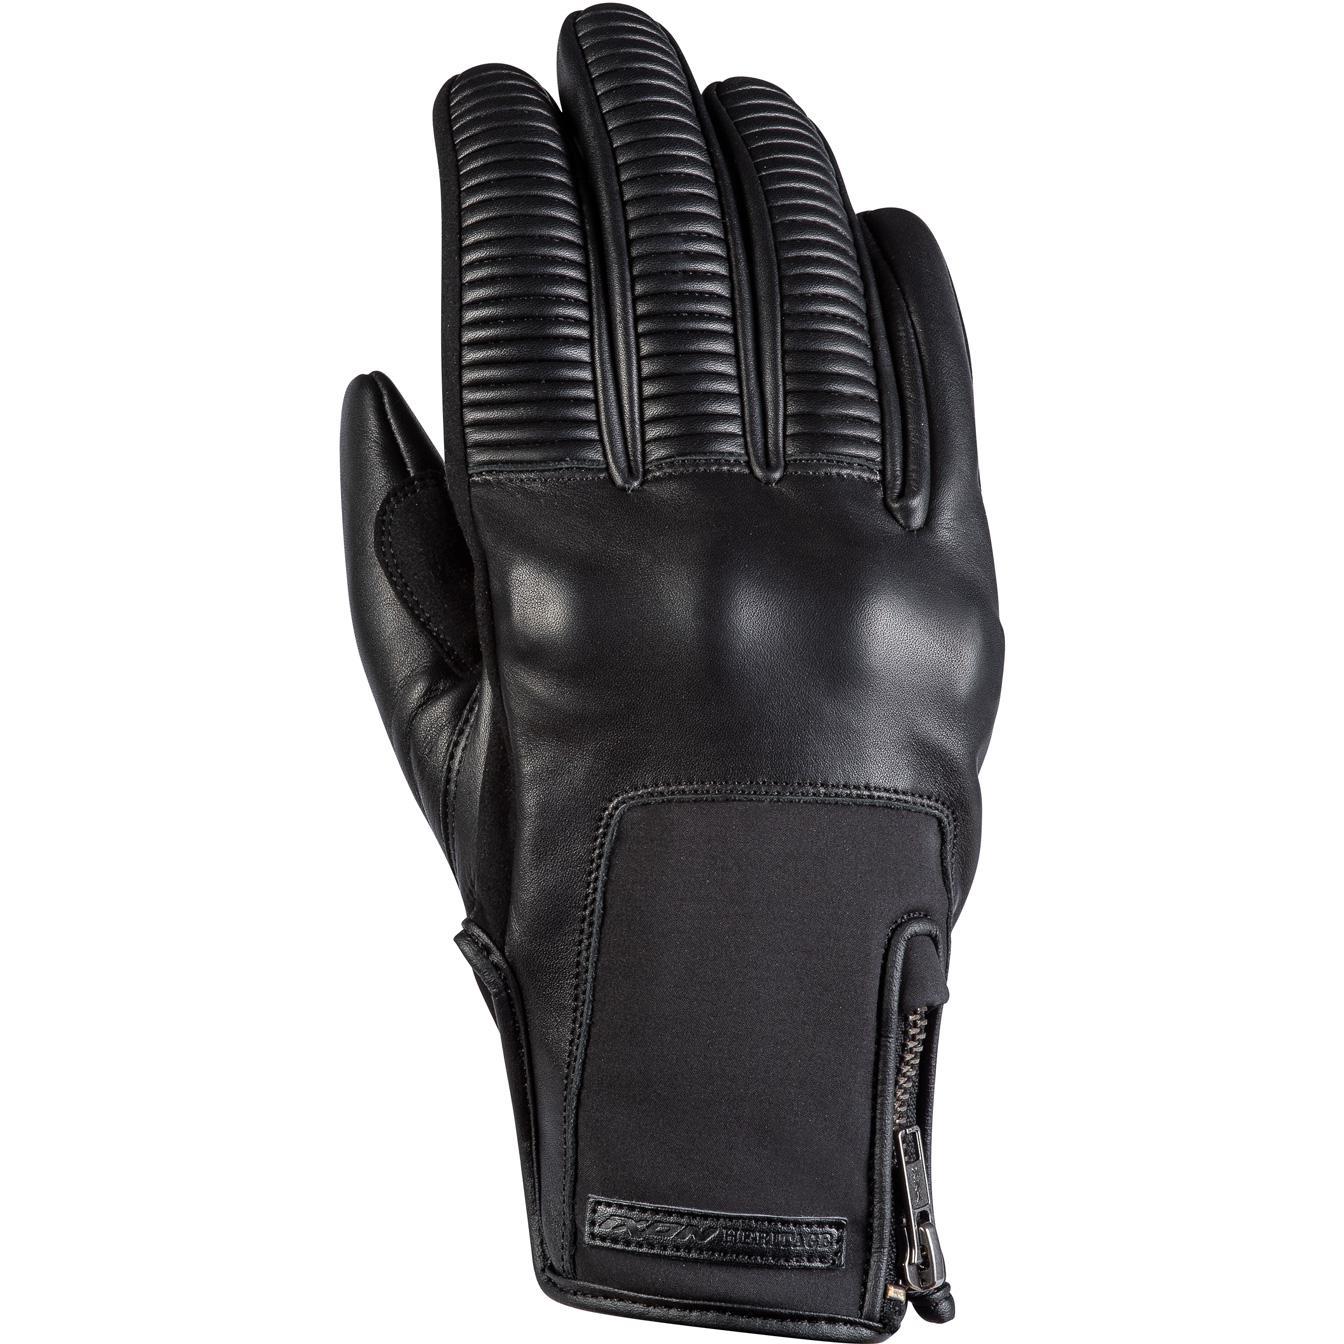 IXON-gants-rs-neo-image-10720601